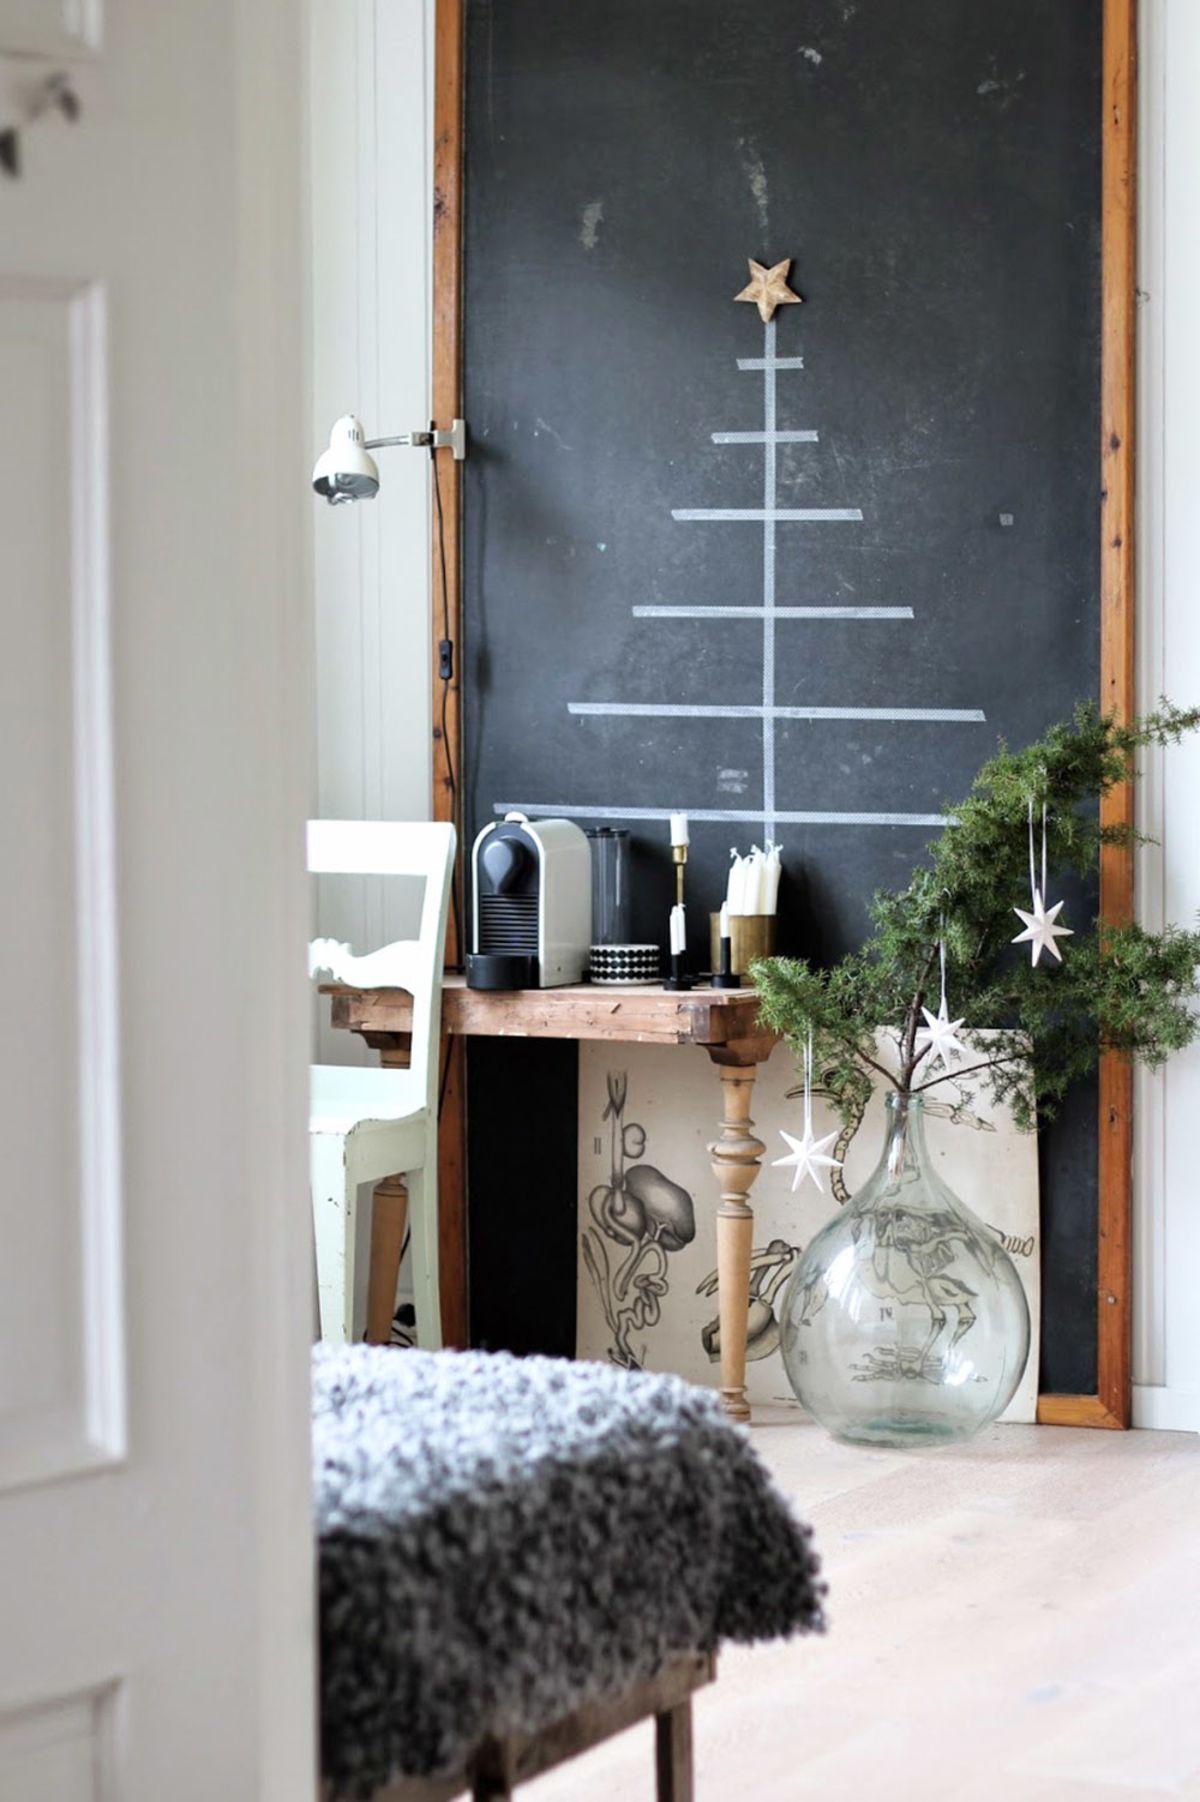 Decorazioni Natalizie Per Ufficio.Christmas Tube Come Rendere Natalizia La Tua Scrivania